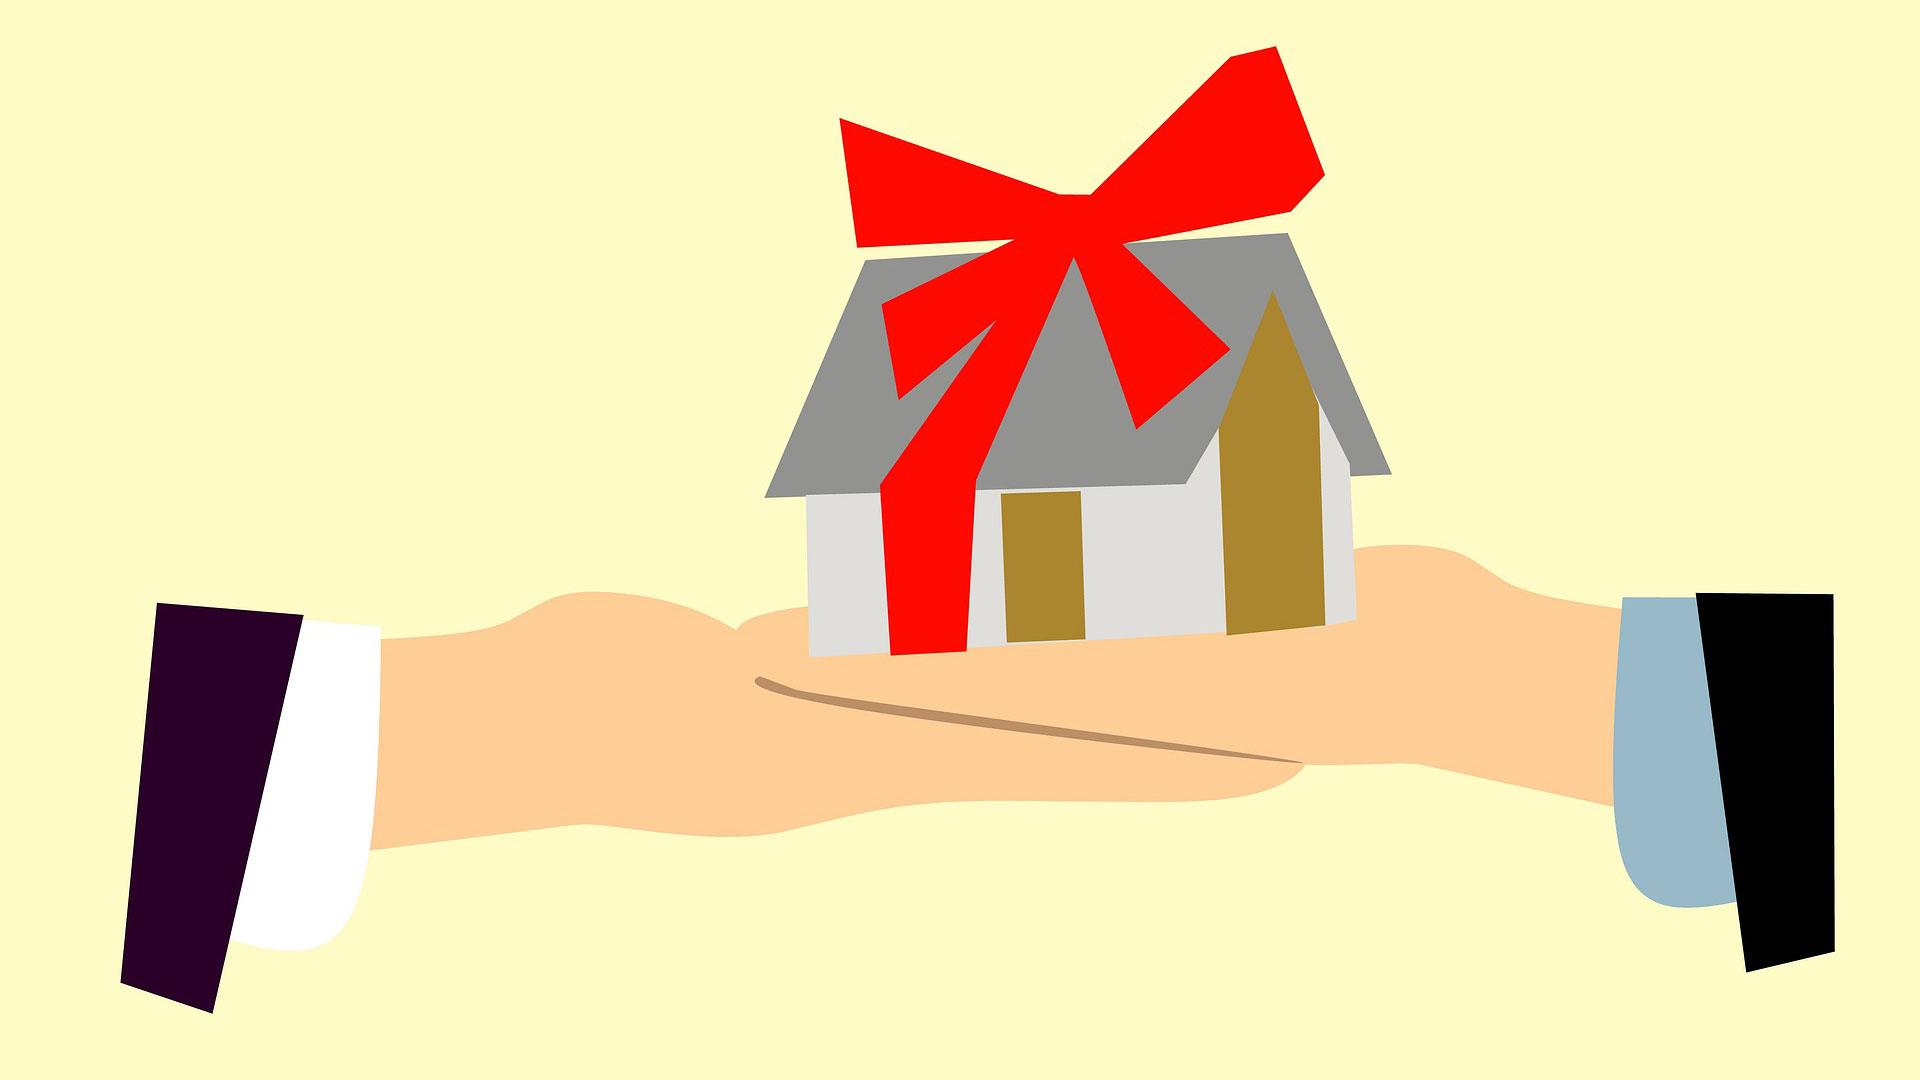 La donazione di immobili unycasa agenzia immobiliare for Donazioni immobili ai figli